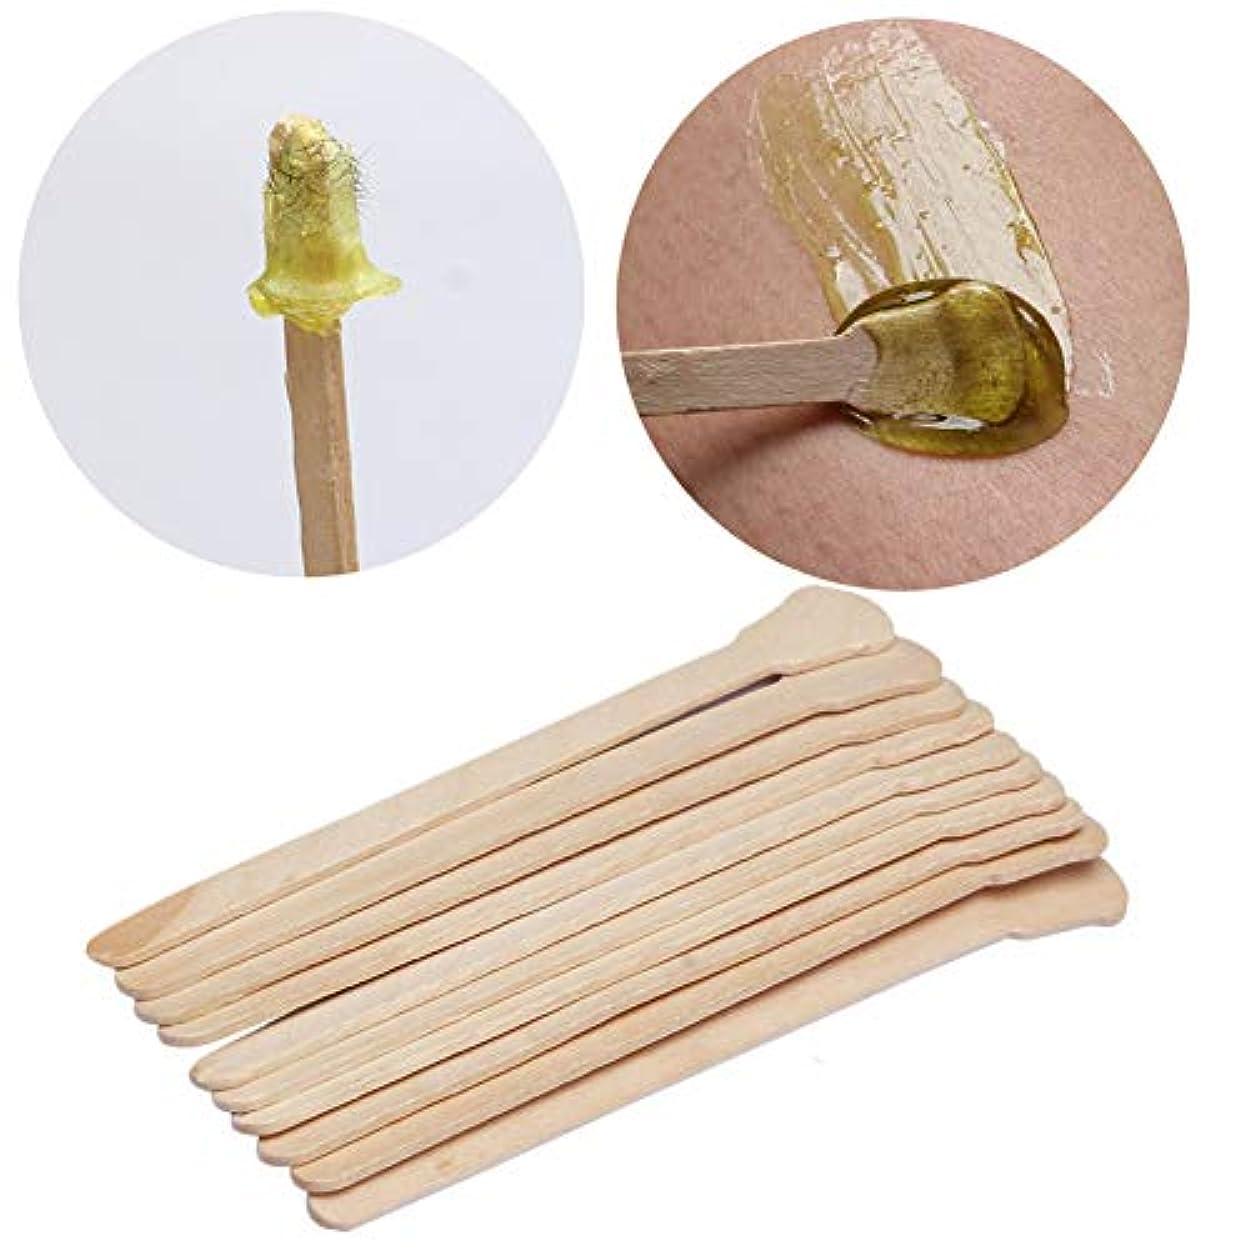 熟した構成員テクトニックKingsie 使い捨て スパチュラ 木製 50本セット 脱毛ワックス用 12.5cm アイススティック棒 化粧品 フェイスマスク、クリームなどをすくい取る際に ワックス脱毛